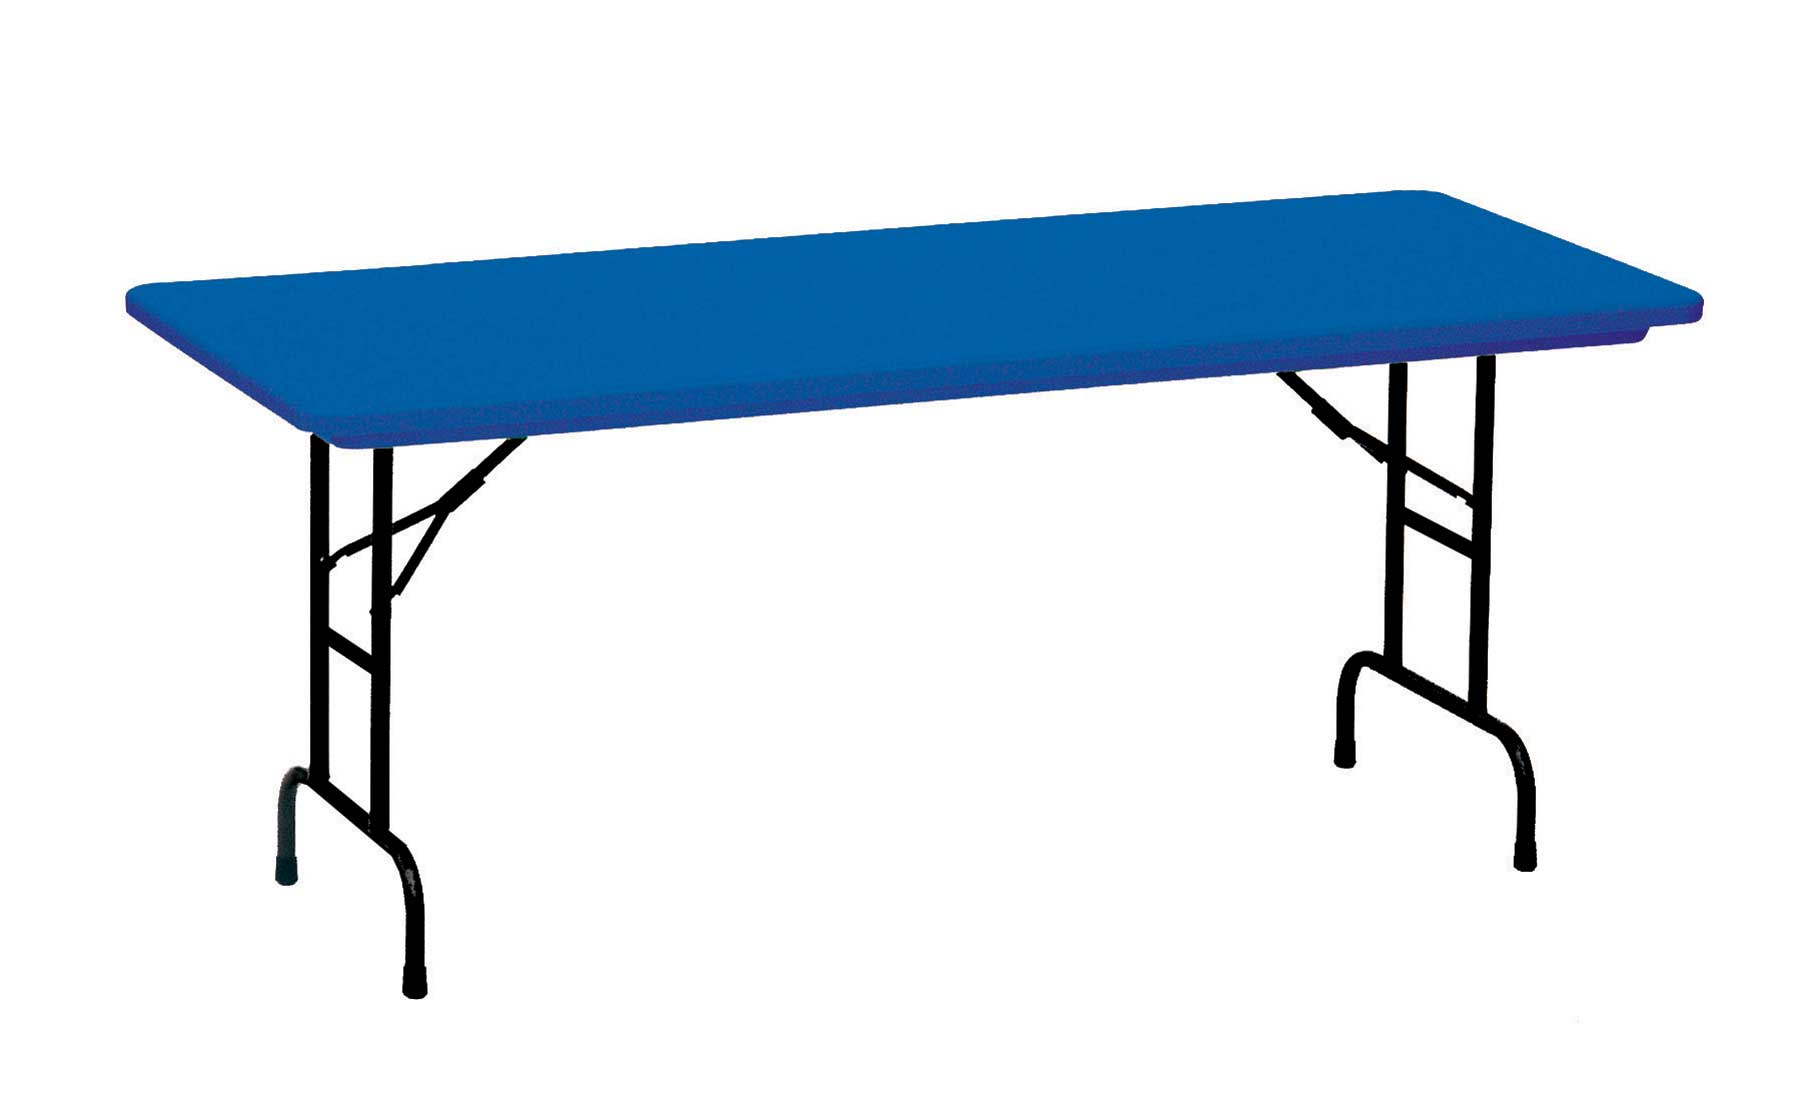 Correll Ra3060 C Adjustable Folding Table On Sale Fast